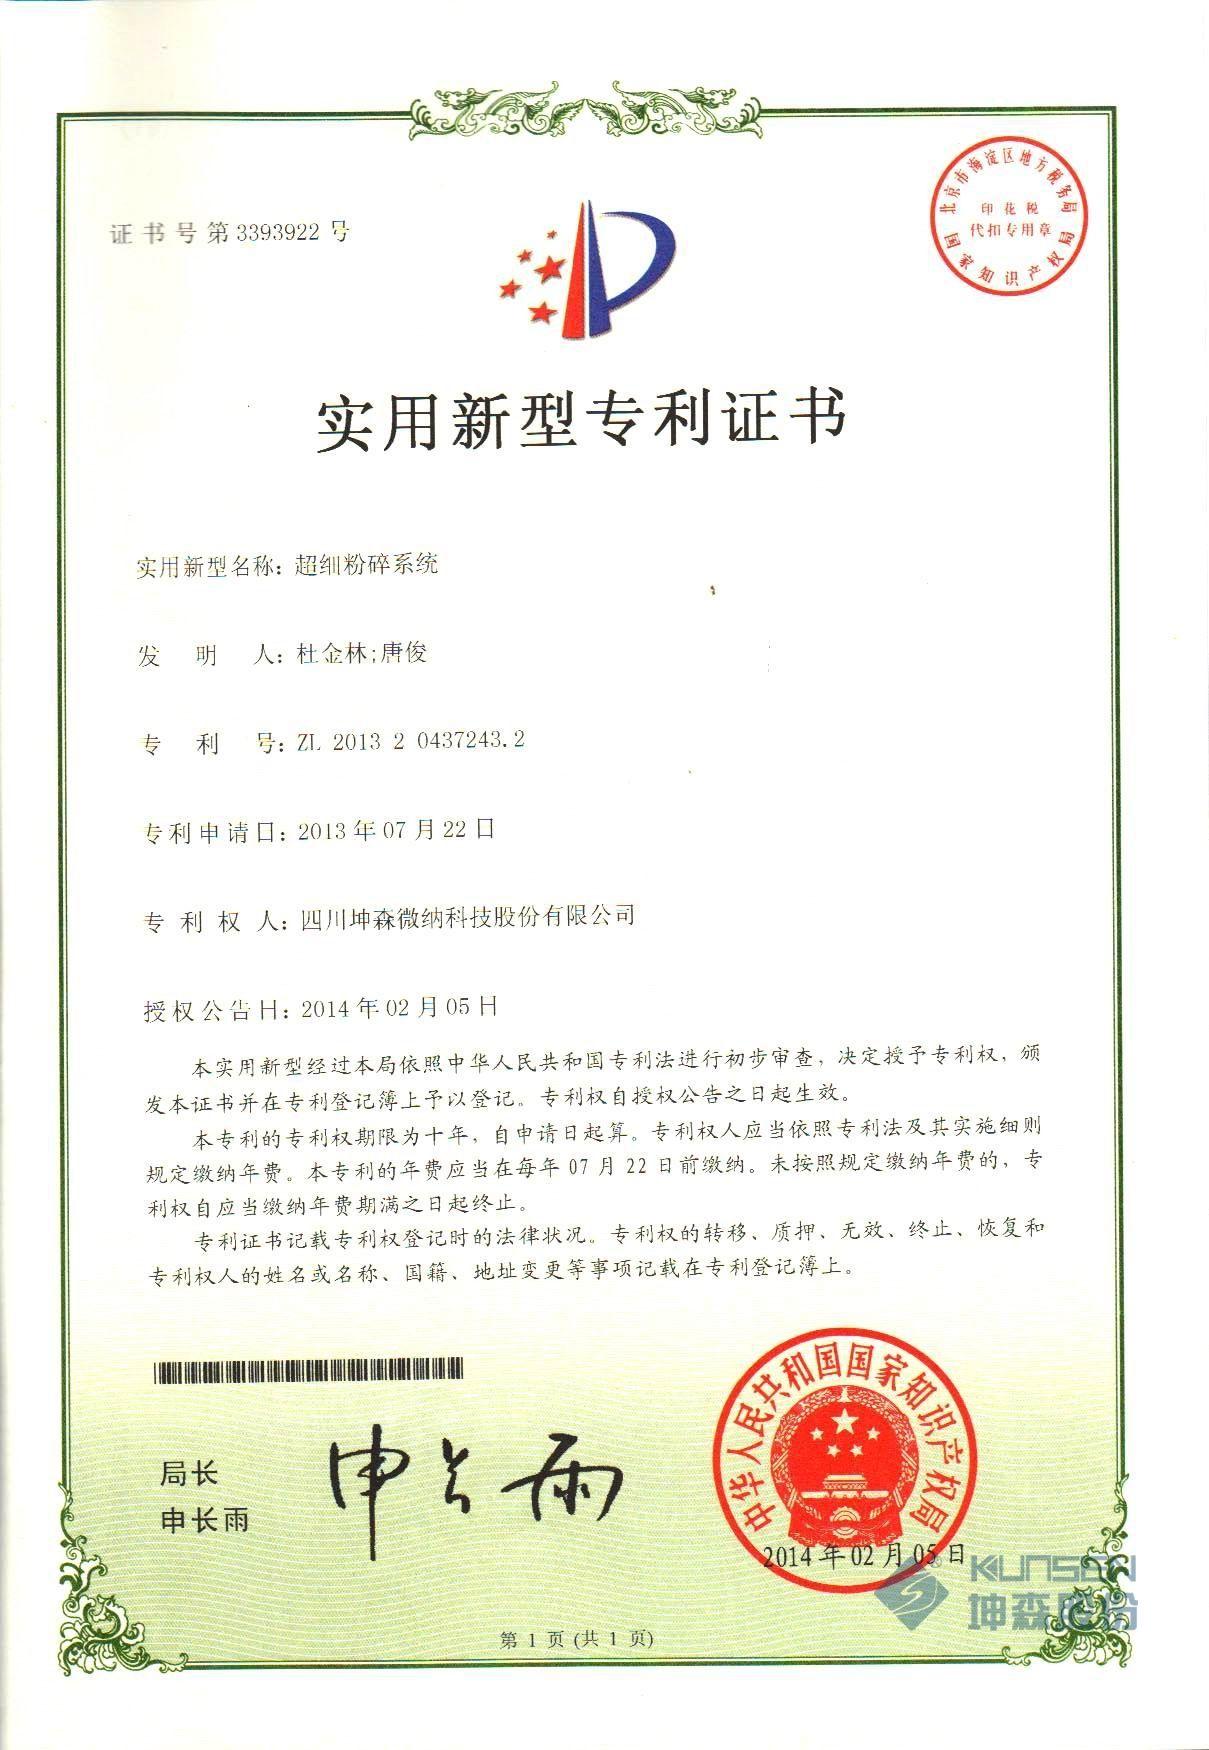 超细粉碎系统专利证书